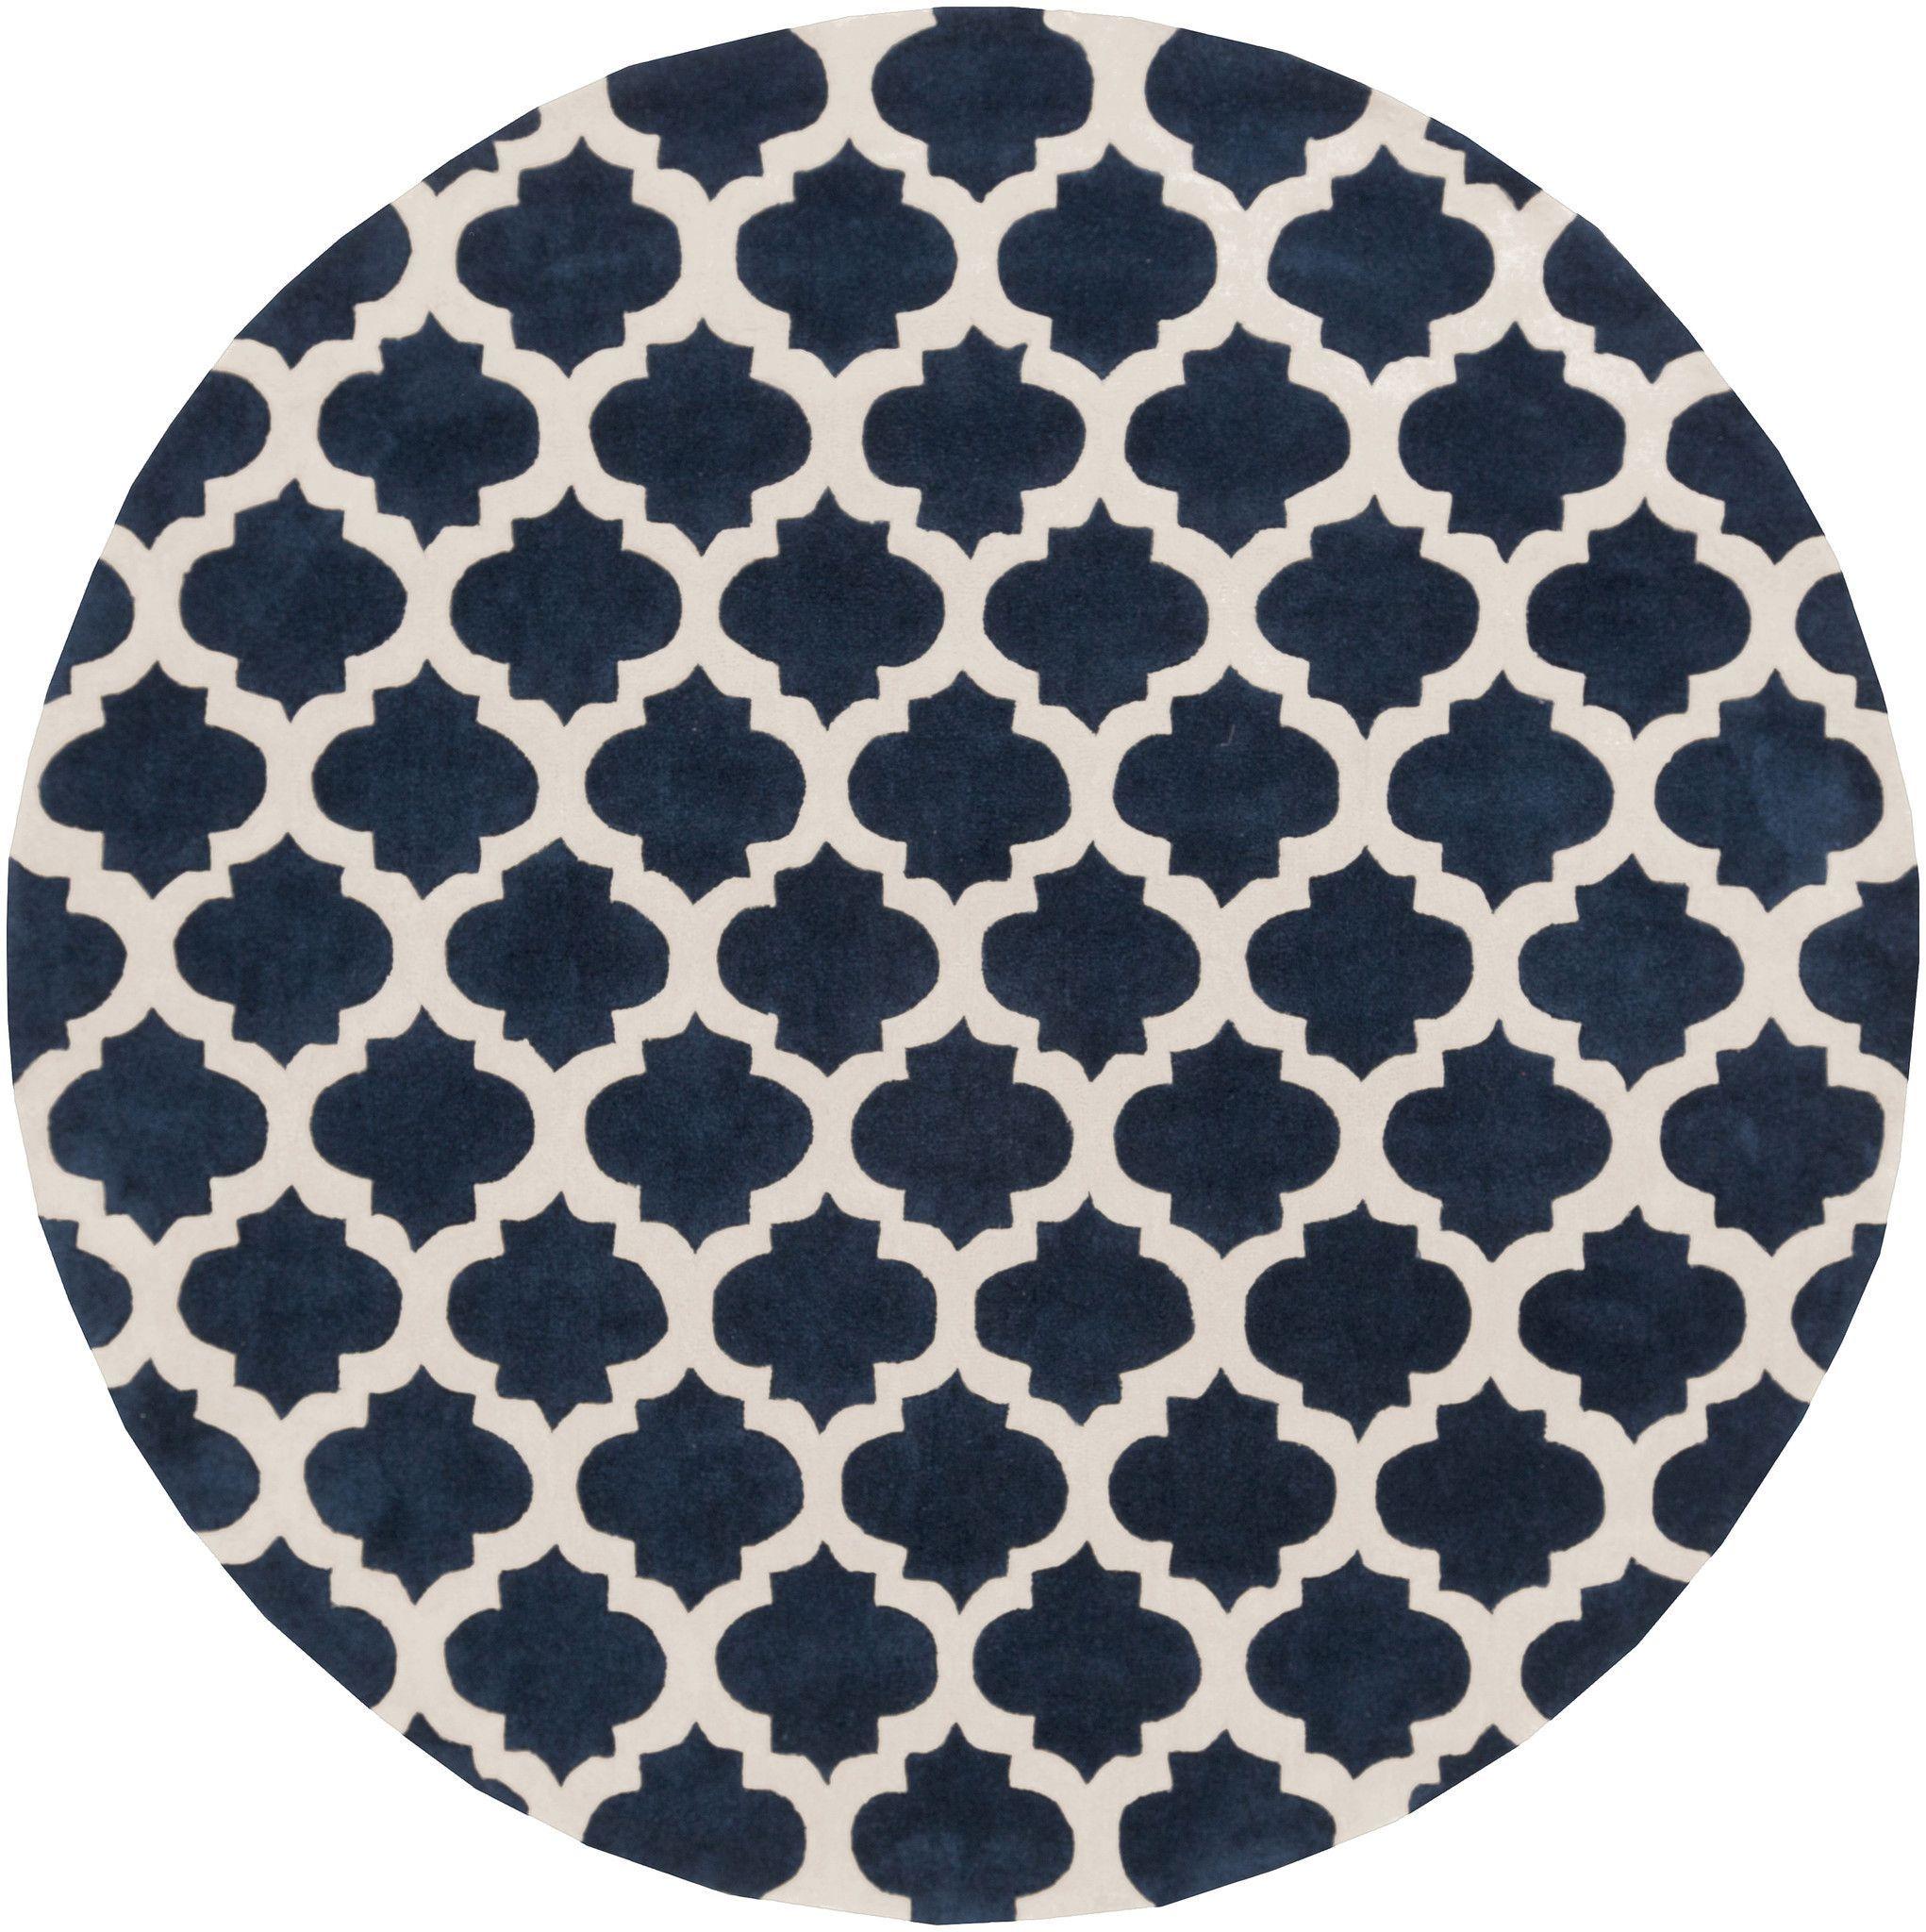 Surya Cos9226 Cosmopolitan Blue Round Area Rug